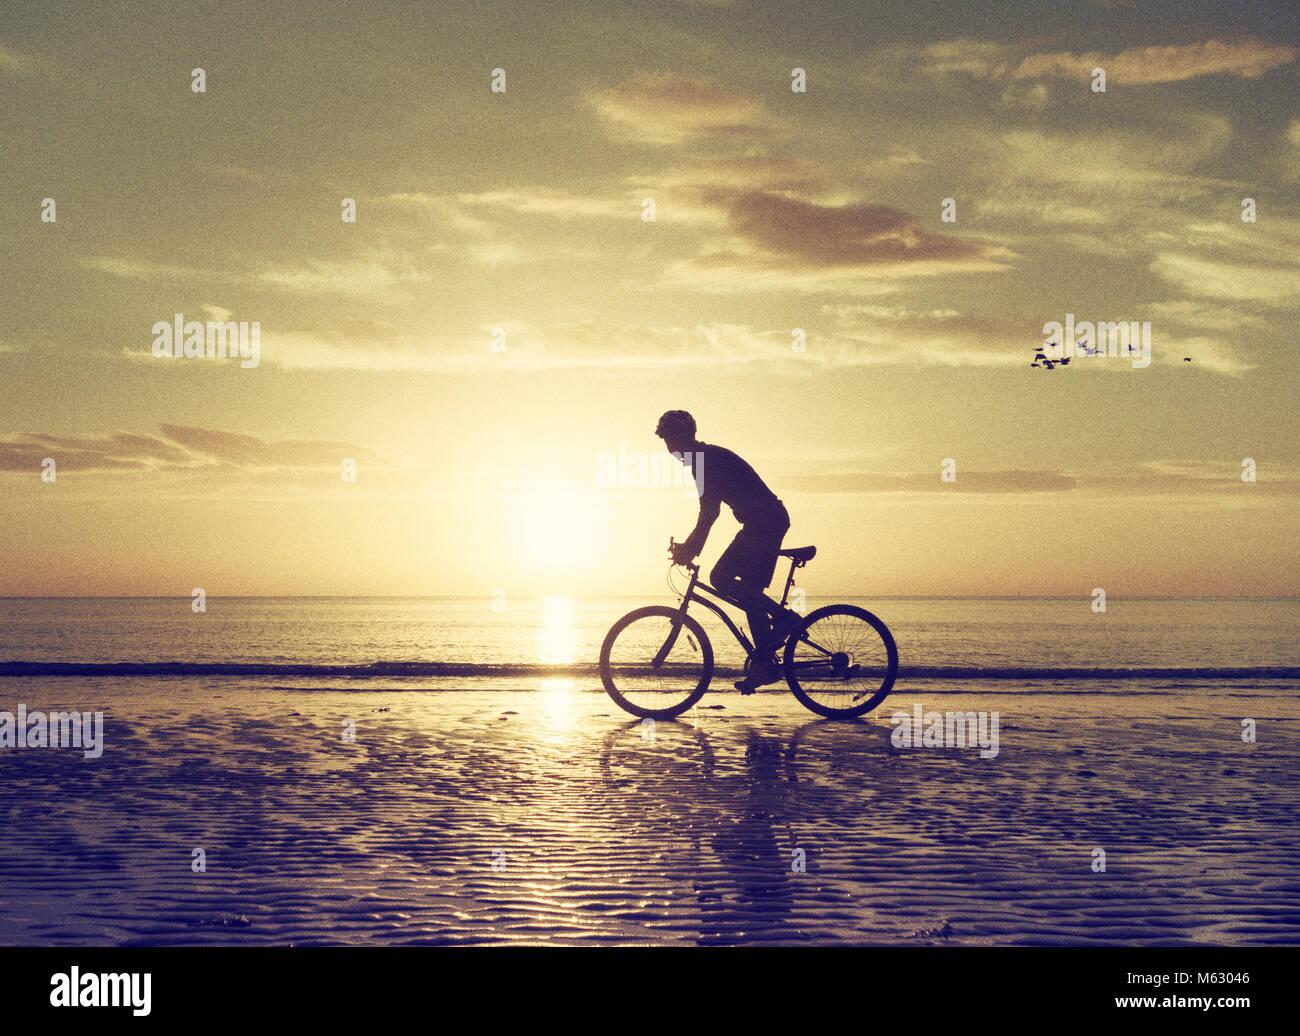 Du vélo de montagne sur la plage au lever du soleil avec des oiseaux volant derrière. Photo Stock